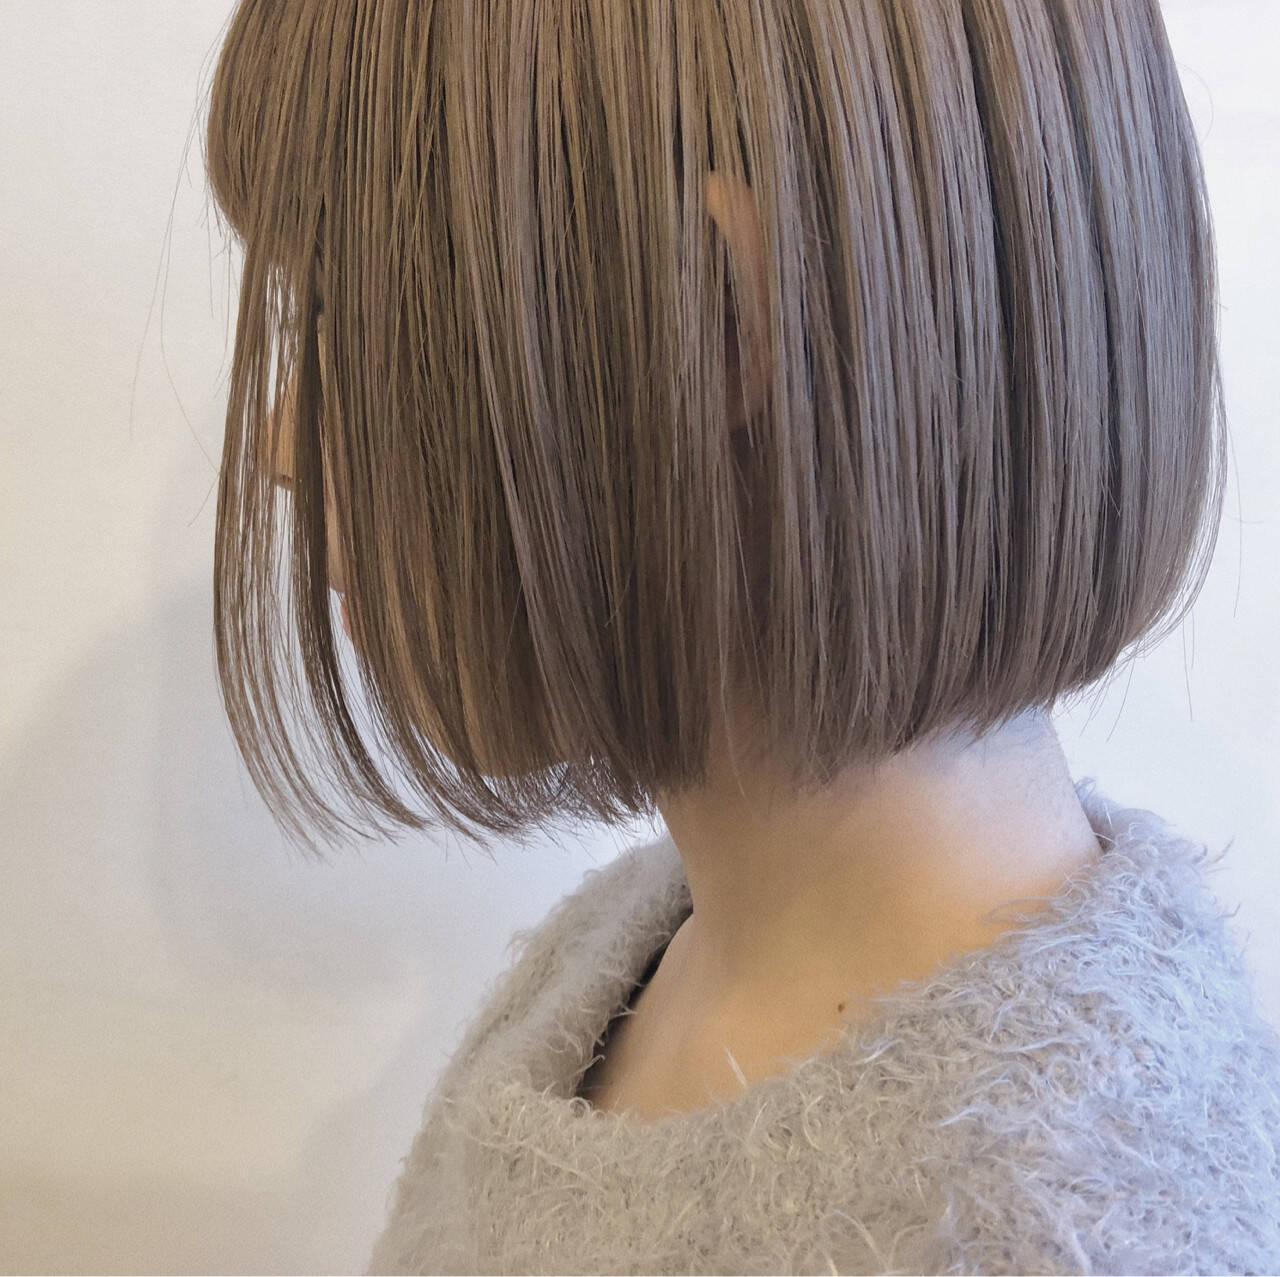 ミルクティーベージュ ワンレングス ブリーチ ボブヘアスタイルや髪型の写真・画像